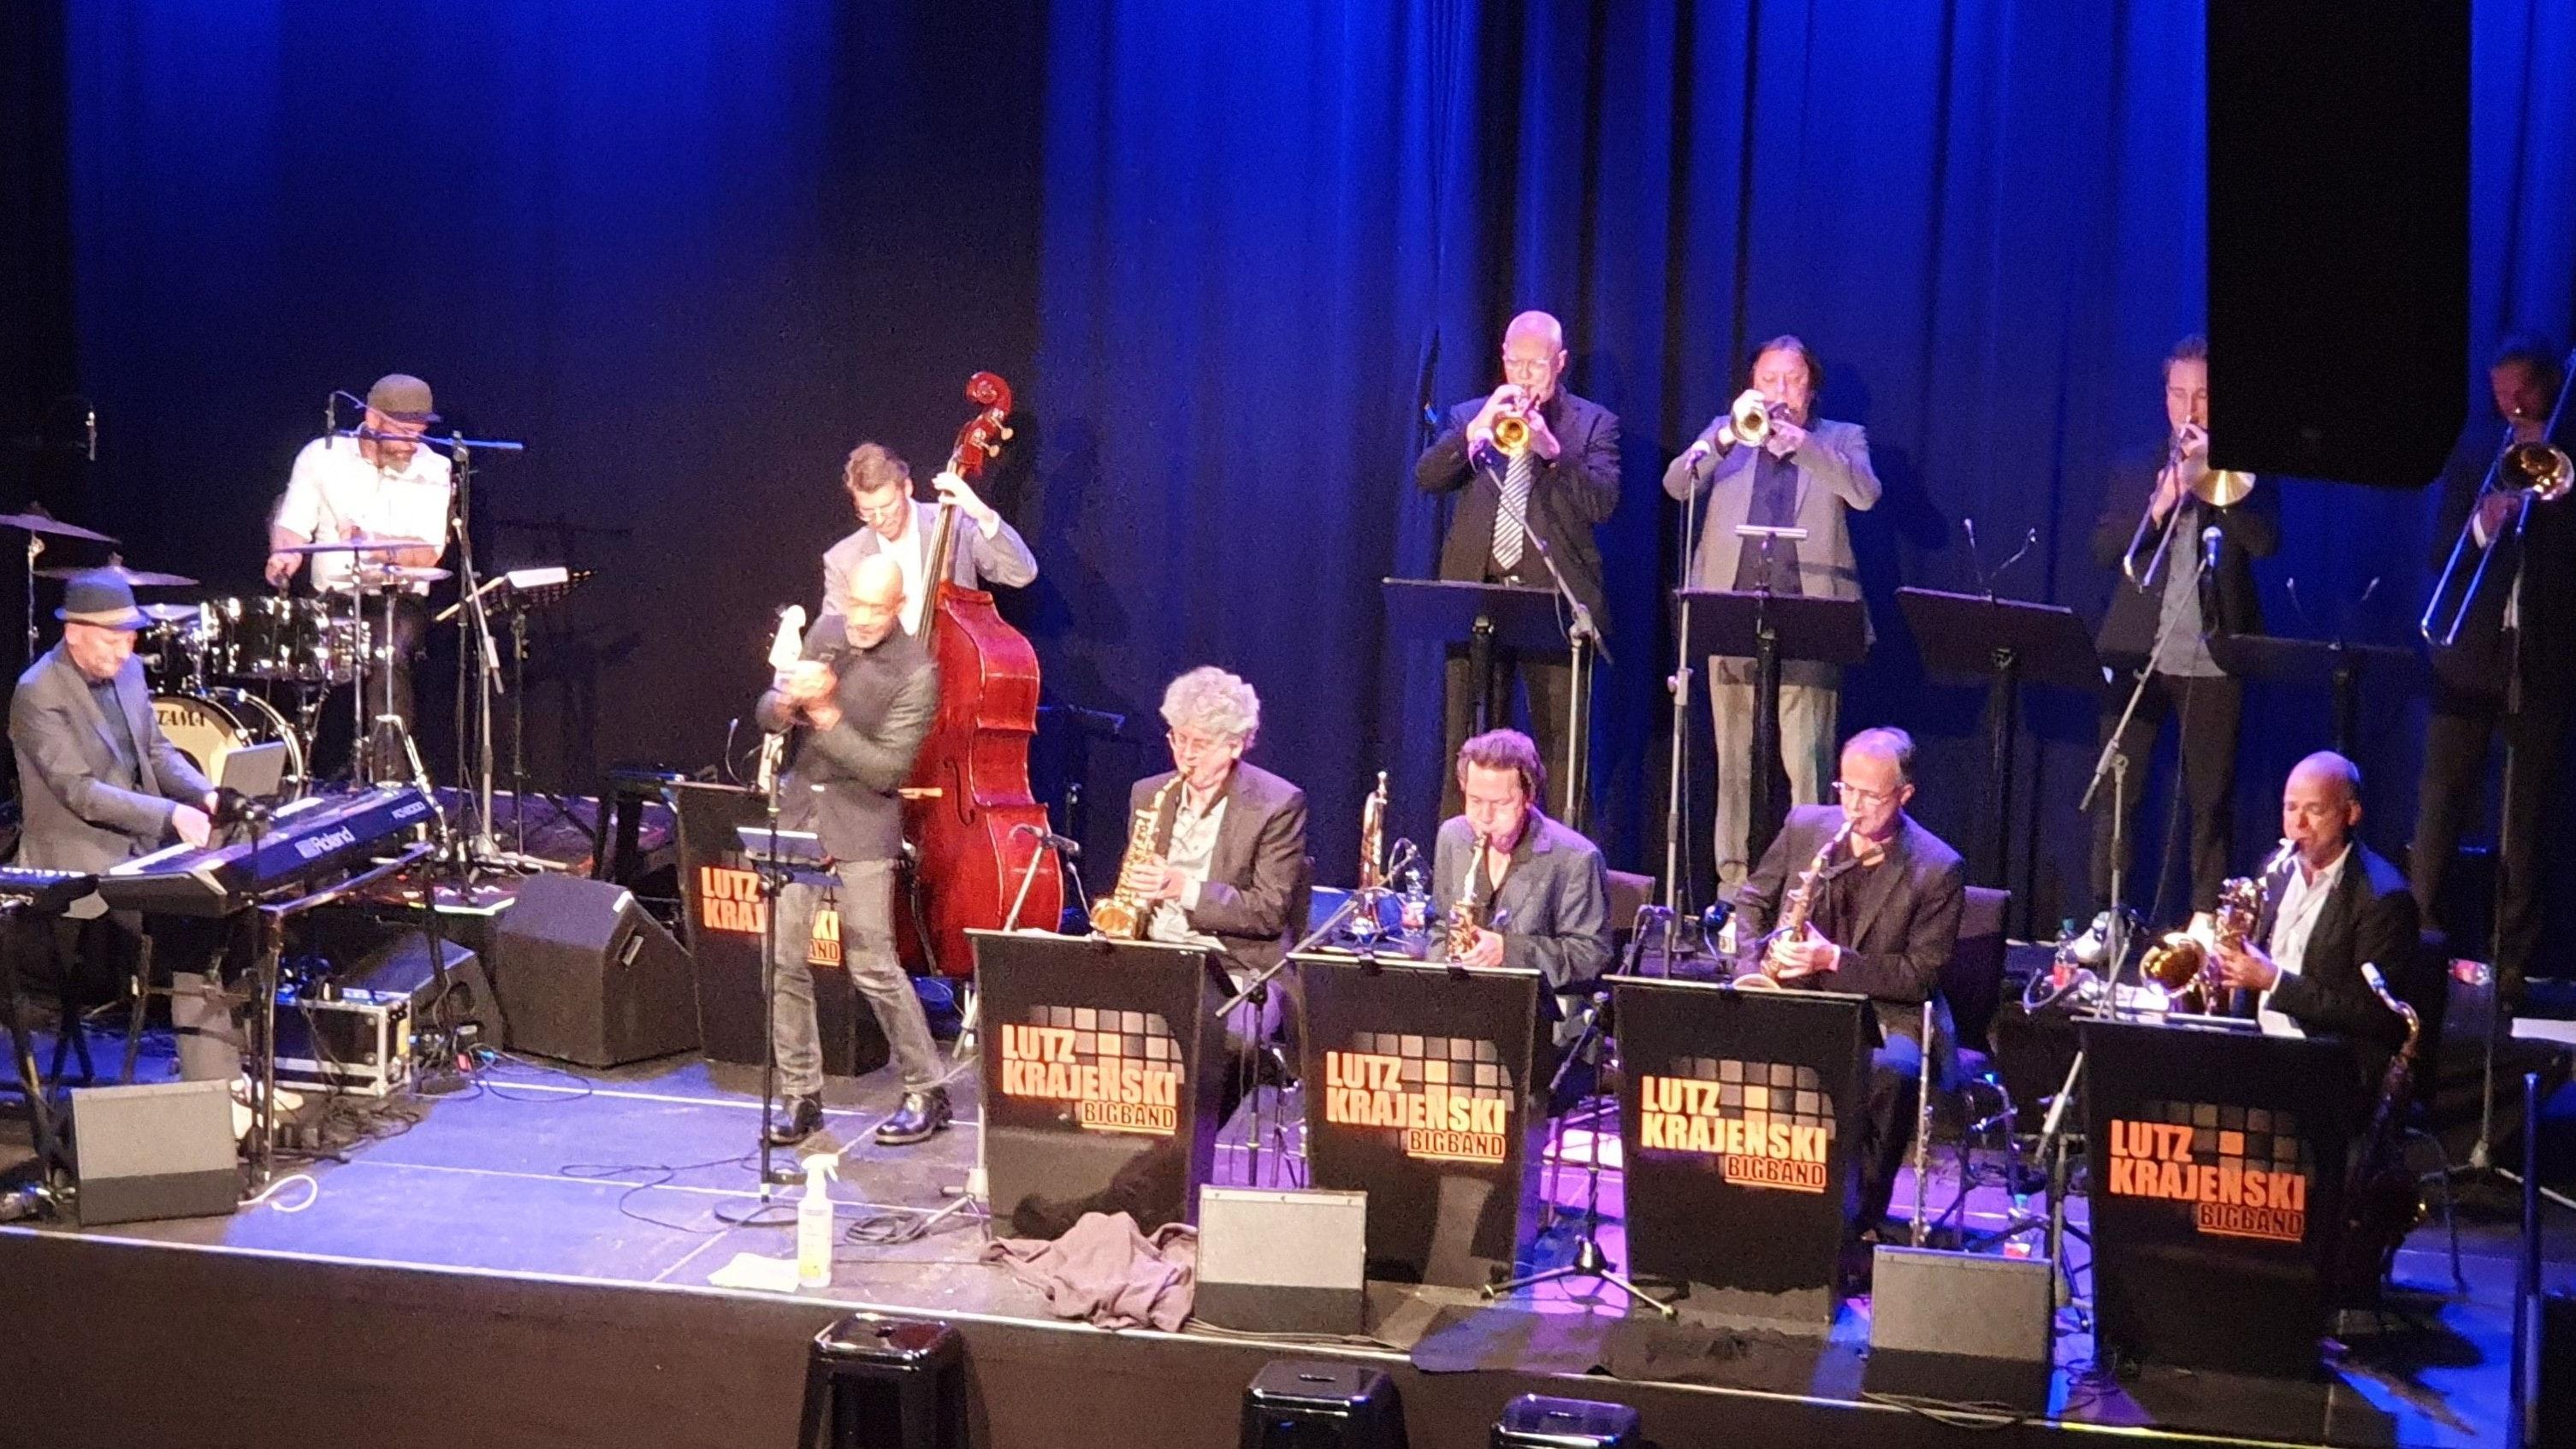 Endlich wieder auf der Bühne: Bandleader Lutz Krajenski am Keyboard mit seinem Orchester und Sänger Ken Norris. Foto: Kessens